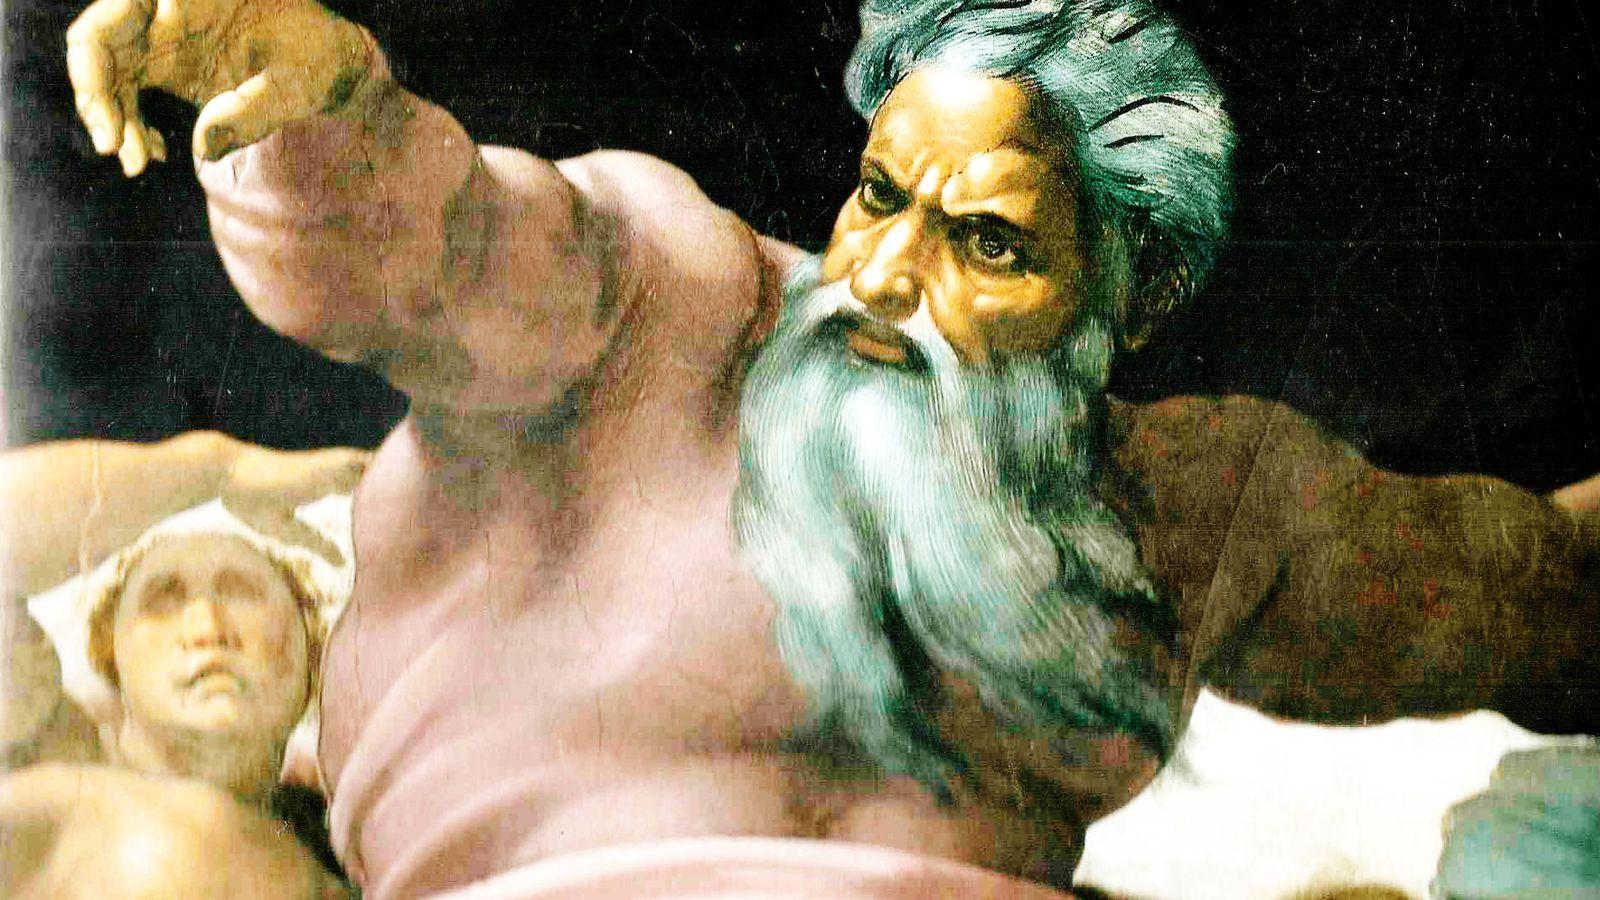 https://www.ecestaticos.com/image/clipping/4daed21f188680676eccf74c8893ad4b/biografia-de-dios-como-yahve-perdio-su-reino-y-el-monoteismo-vencio.jpg